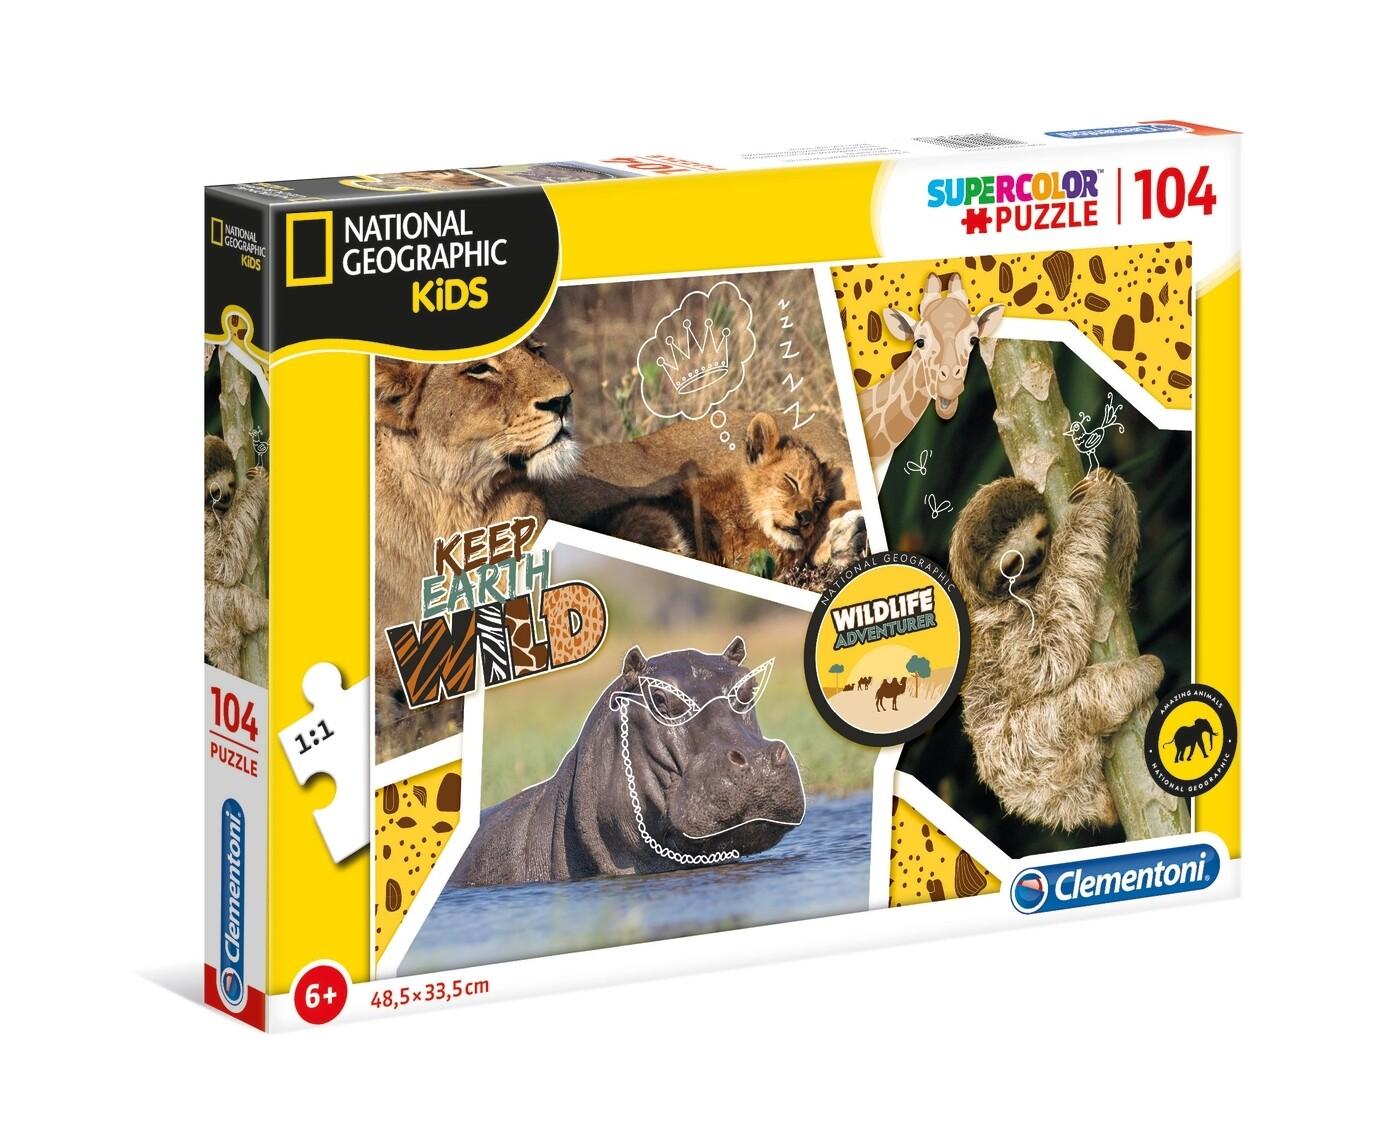 PUZZLE Super 104 pcs National Geographic - Vida Selvagem - CLEMENTONI